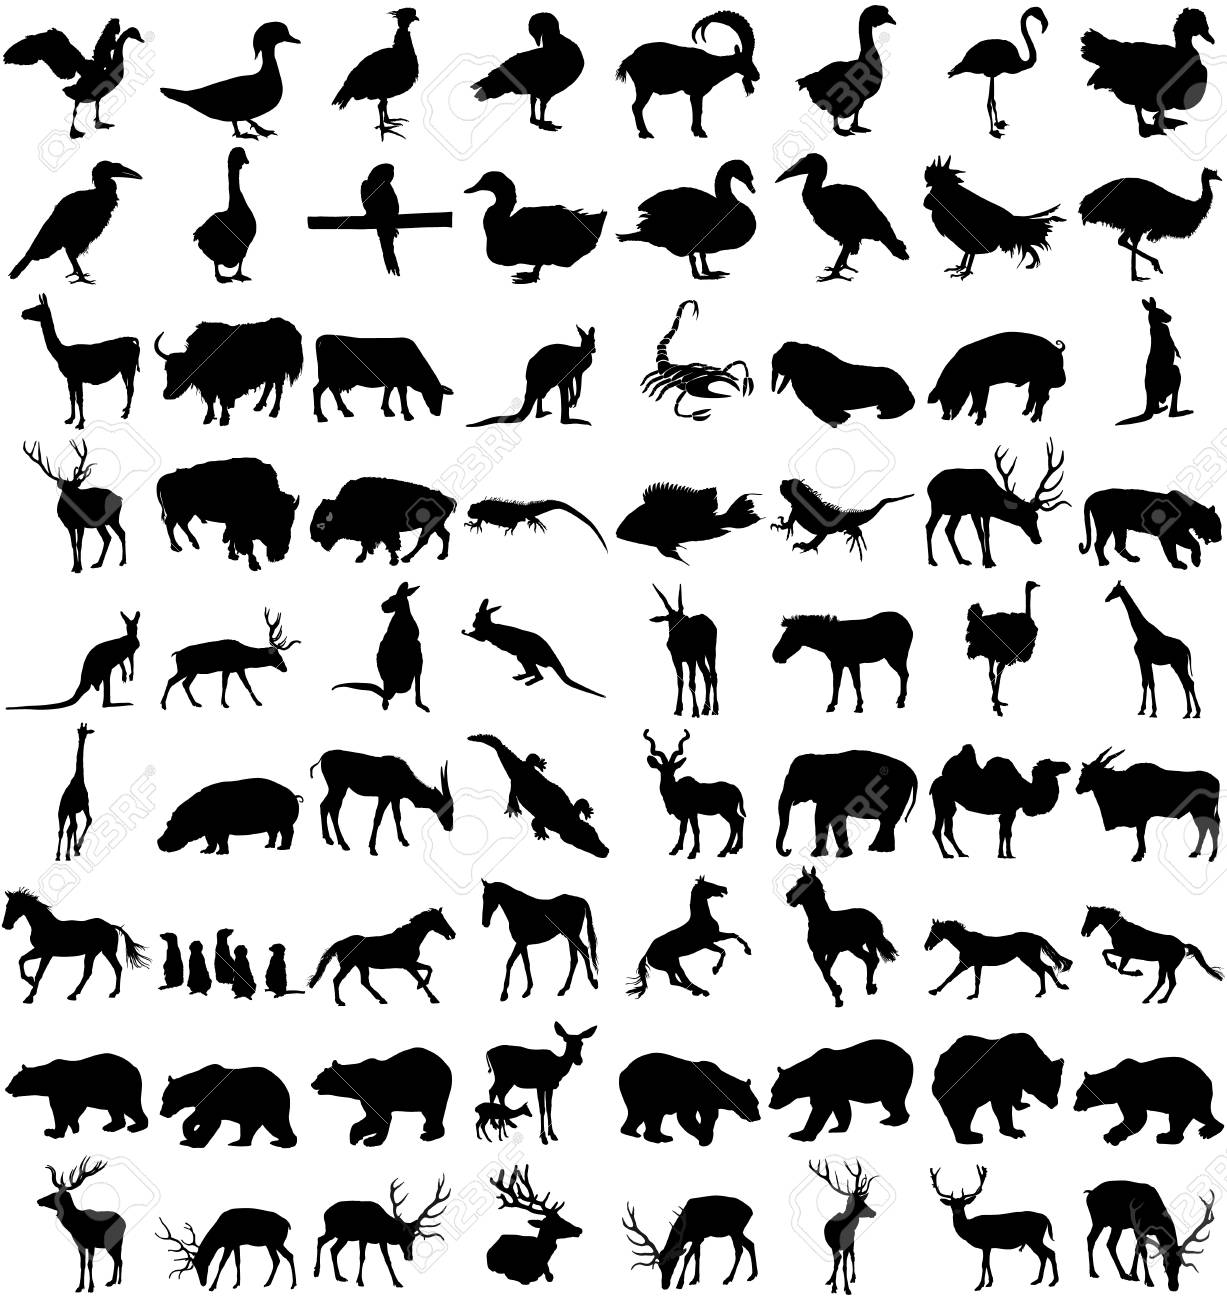 白い背景の動物のシルエットの大きなセットをベクトル、ベクトル